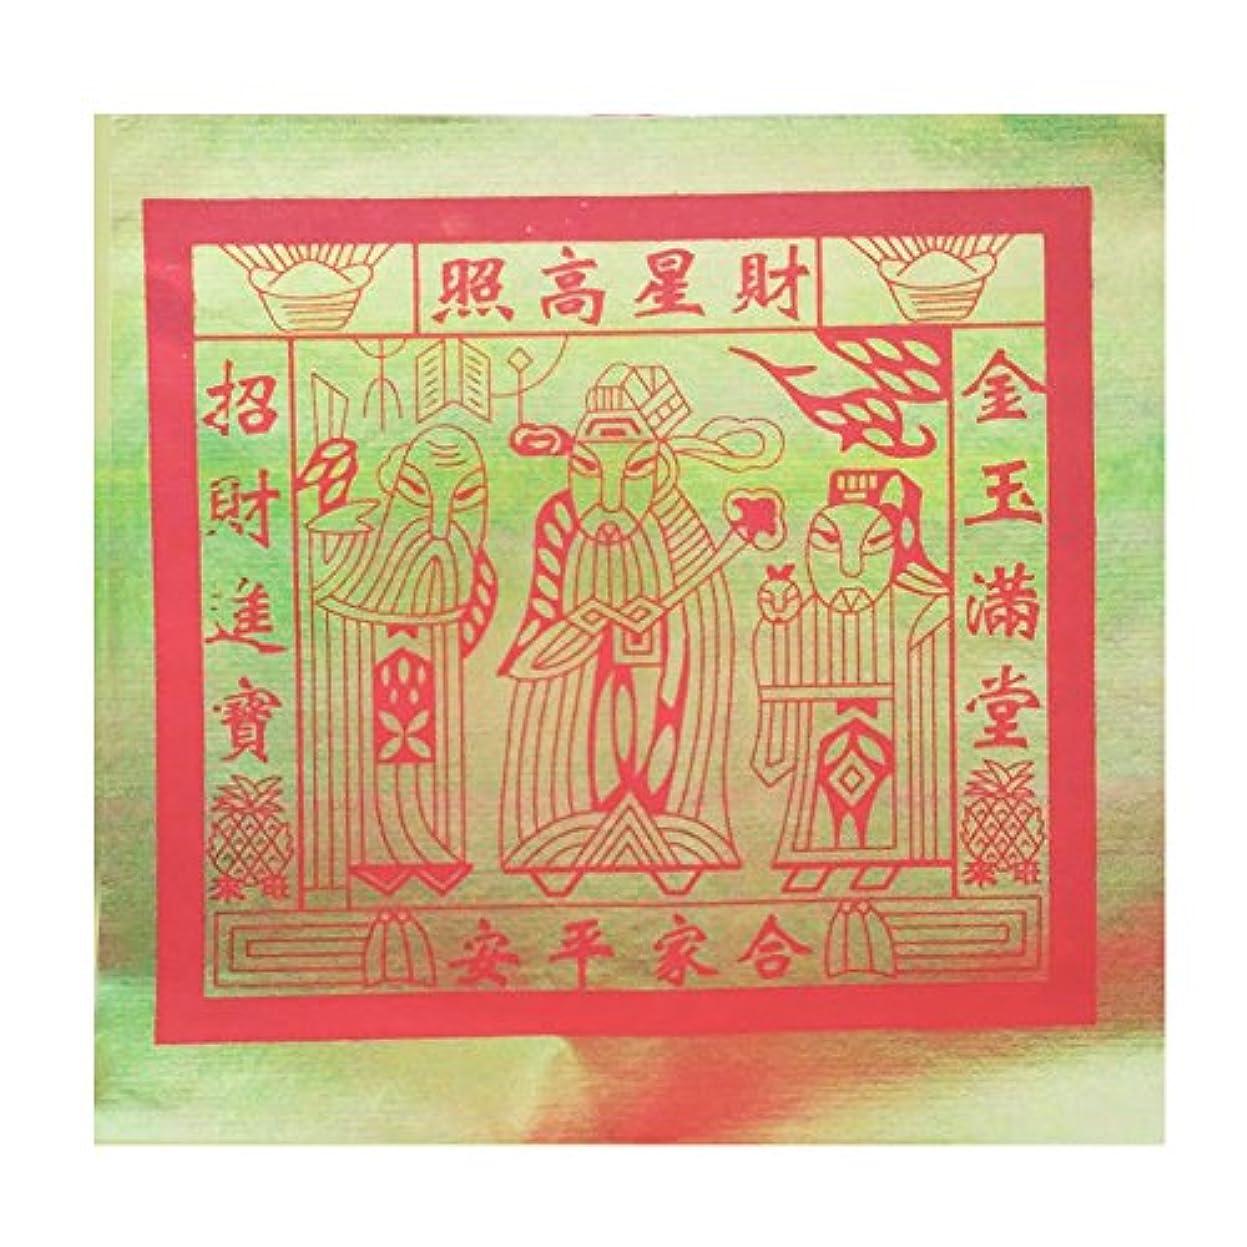 月面本当のことを言うと決して100個Incense用紙/ Joss用紙with High Gradeフルゴールド箔サイズ中10.75インチx 10.4インチ